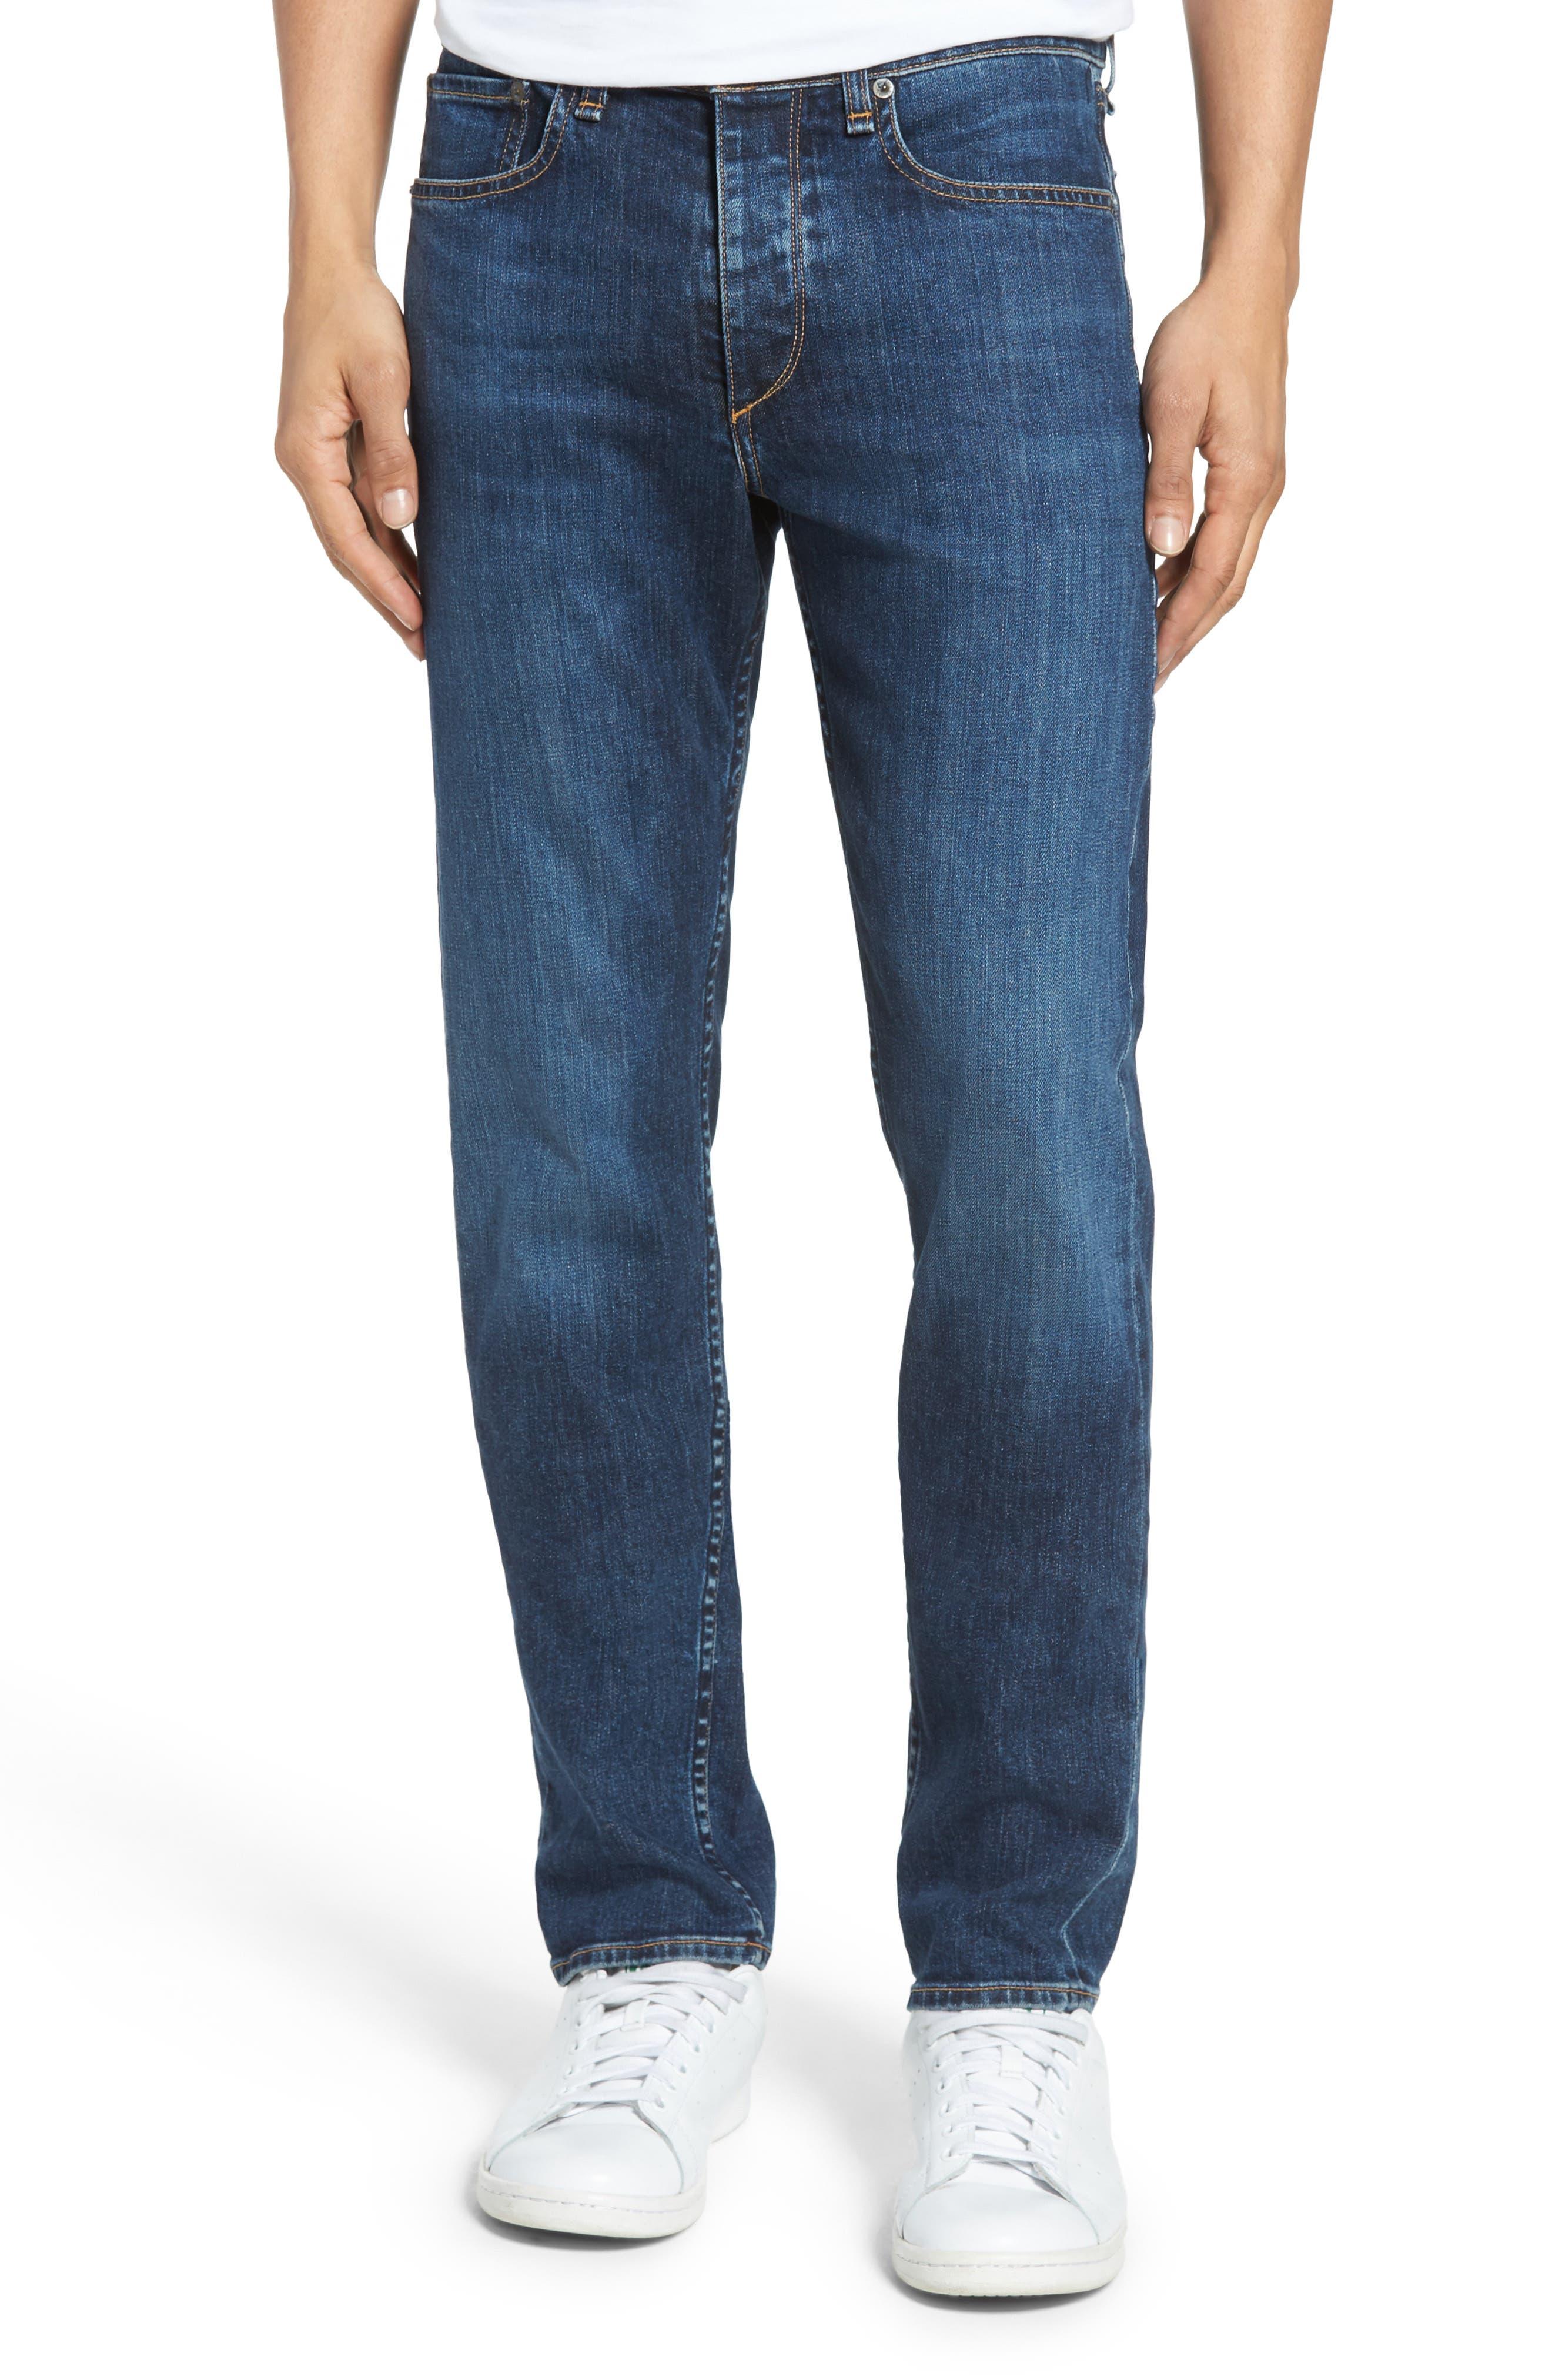 Fit 2 Slim Fit Jeans,                             Main thumbnail 1, color,                             Dukes